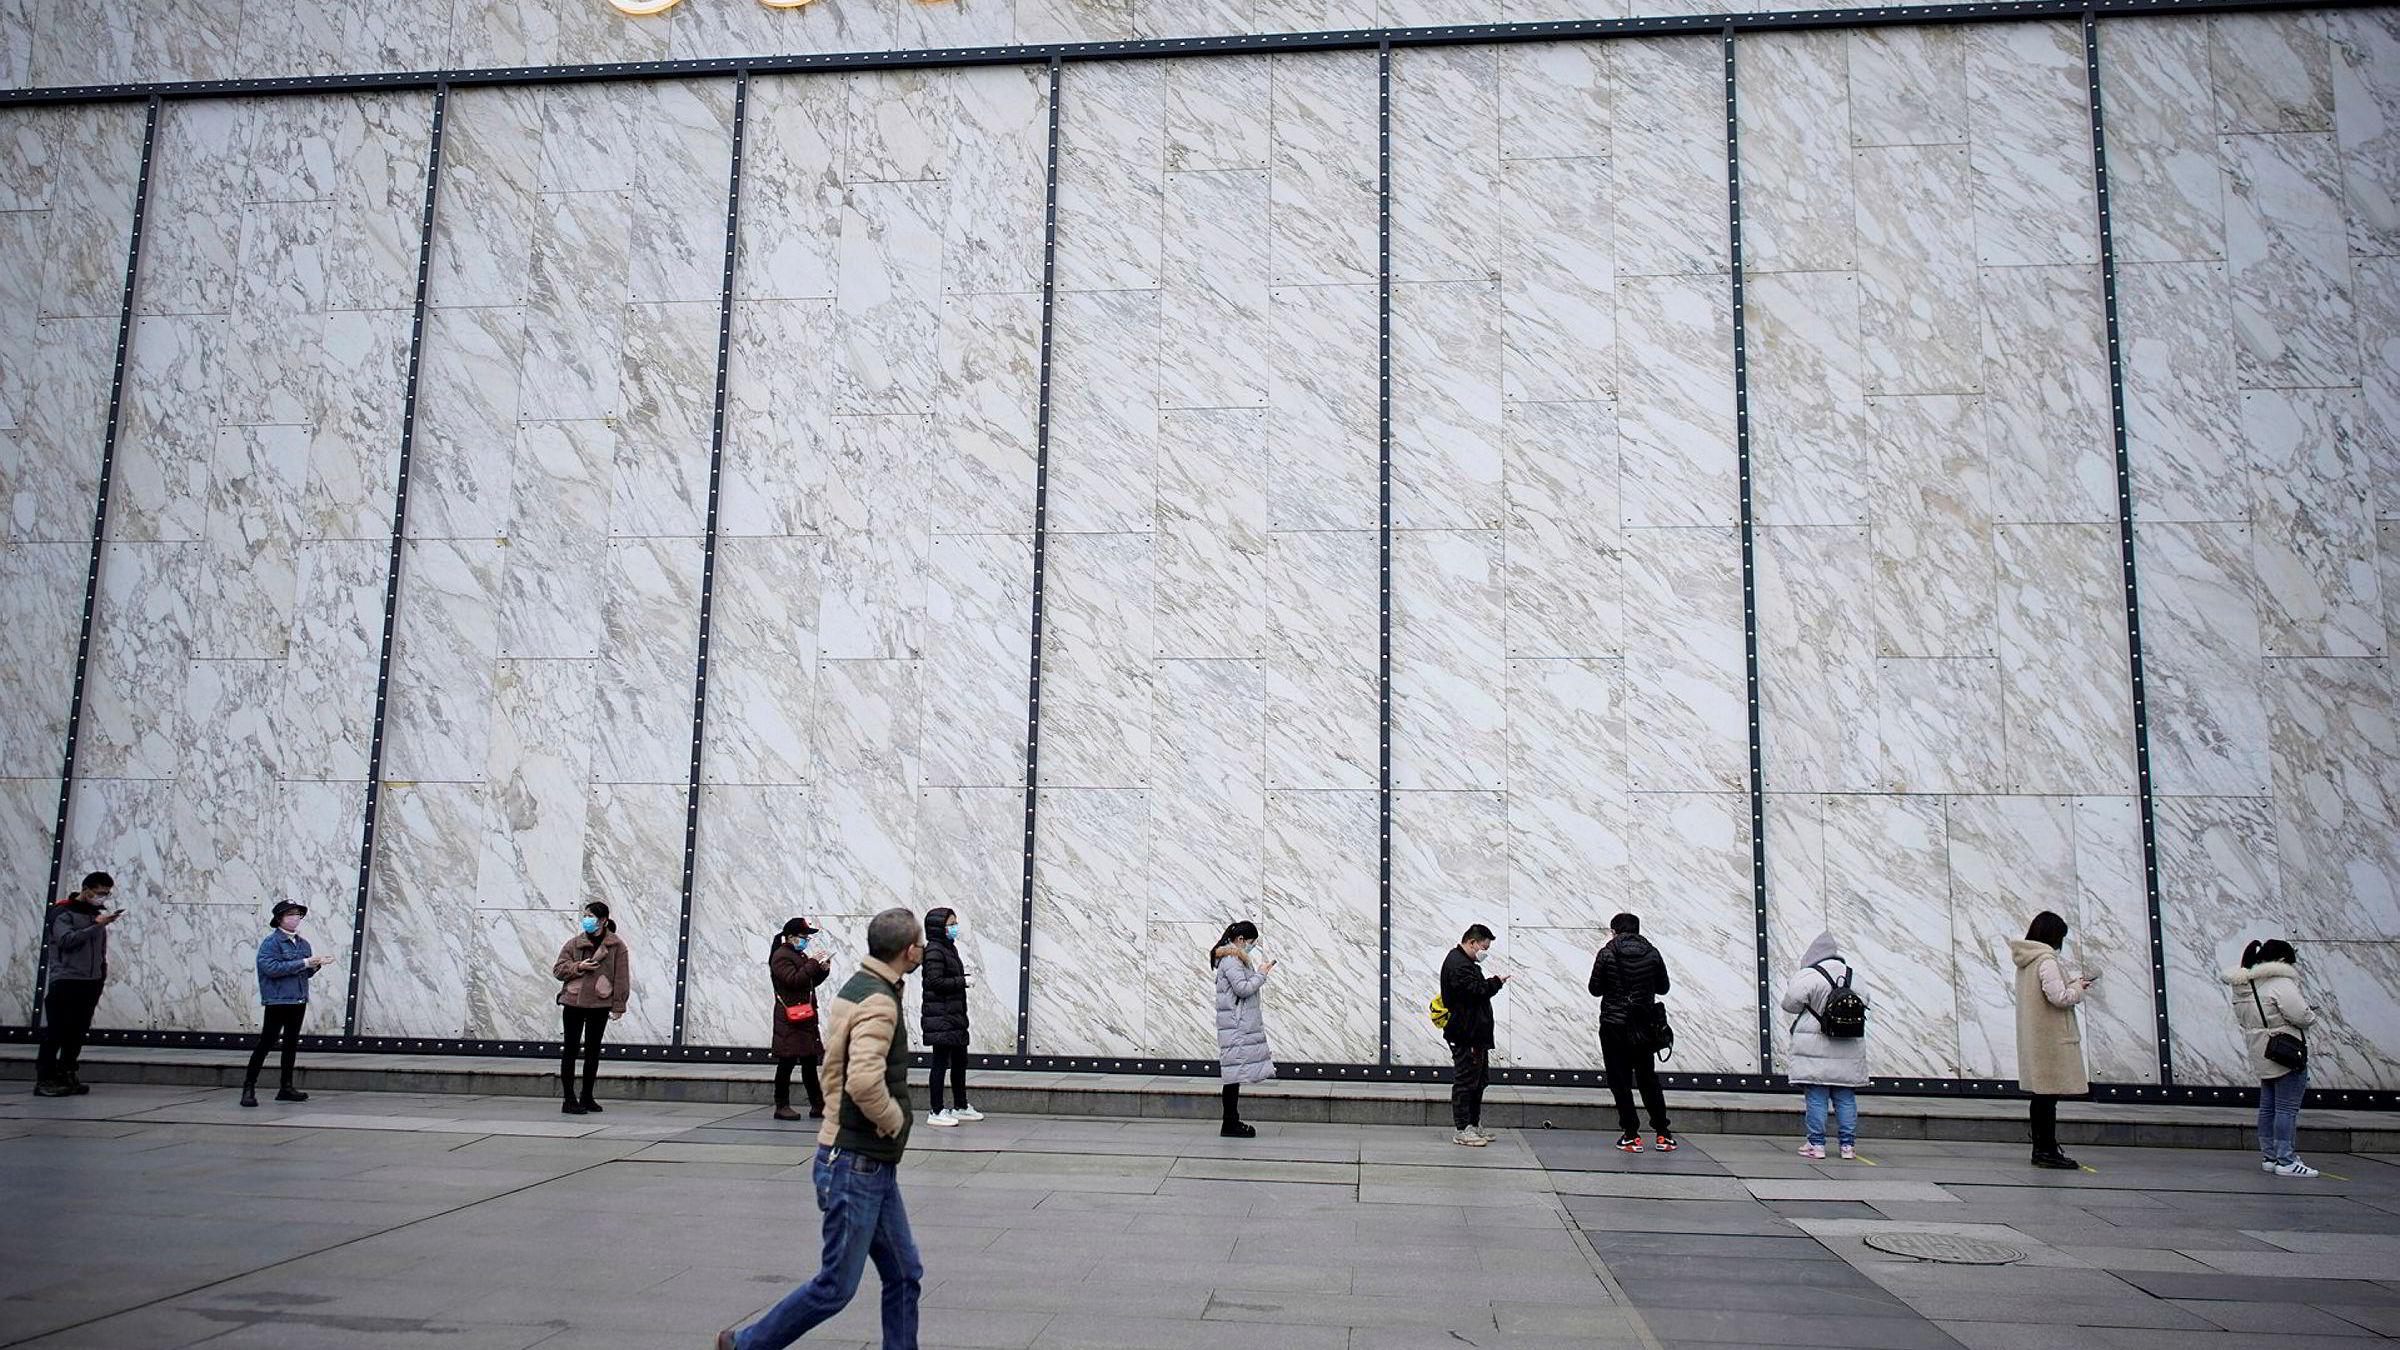 Kinesiske forbrukere er klar til å bruke penger på seg selv igjen og flokker til kjøpesentre. De europeiske luksusmerkene Louis Vuitton og Gucci opplever omsetningsvekst.